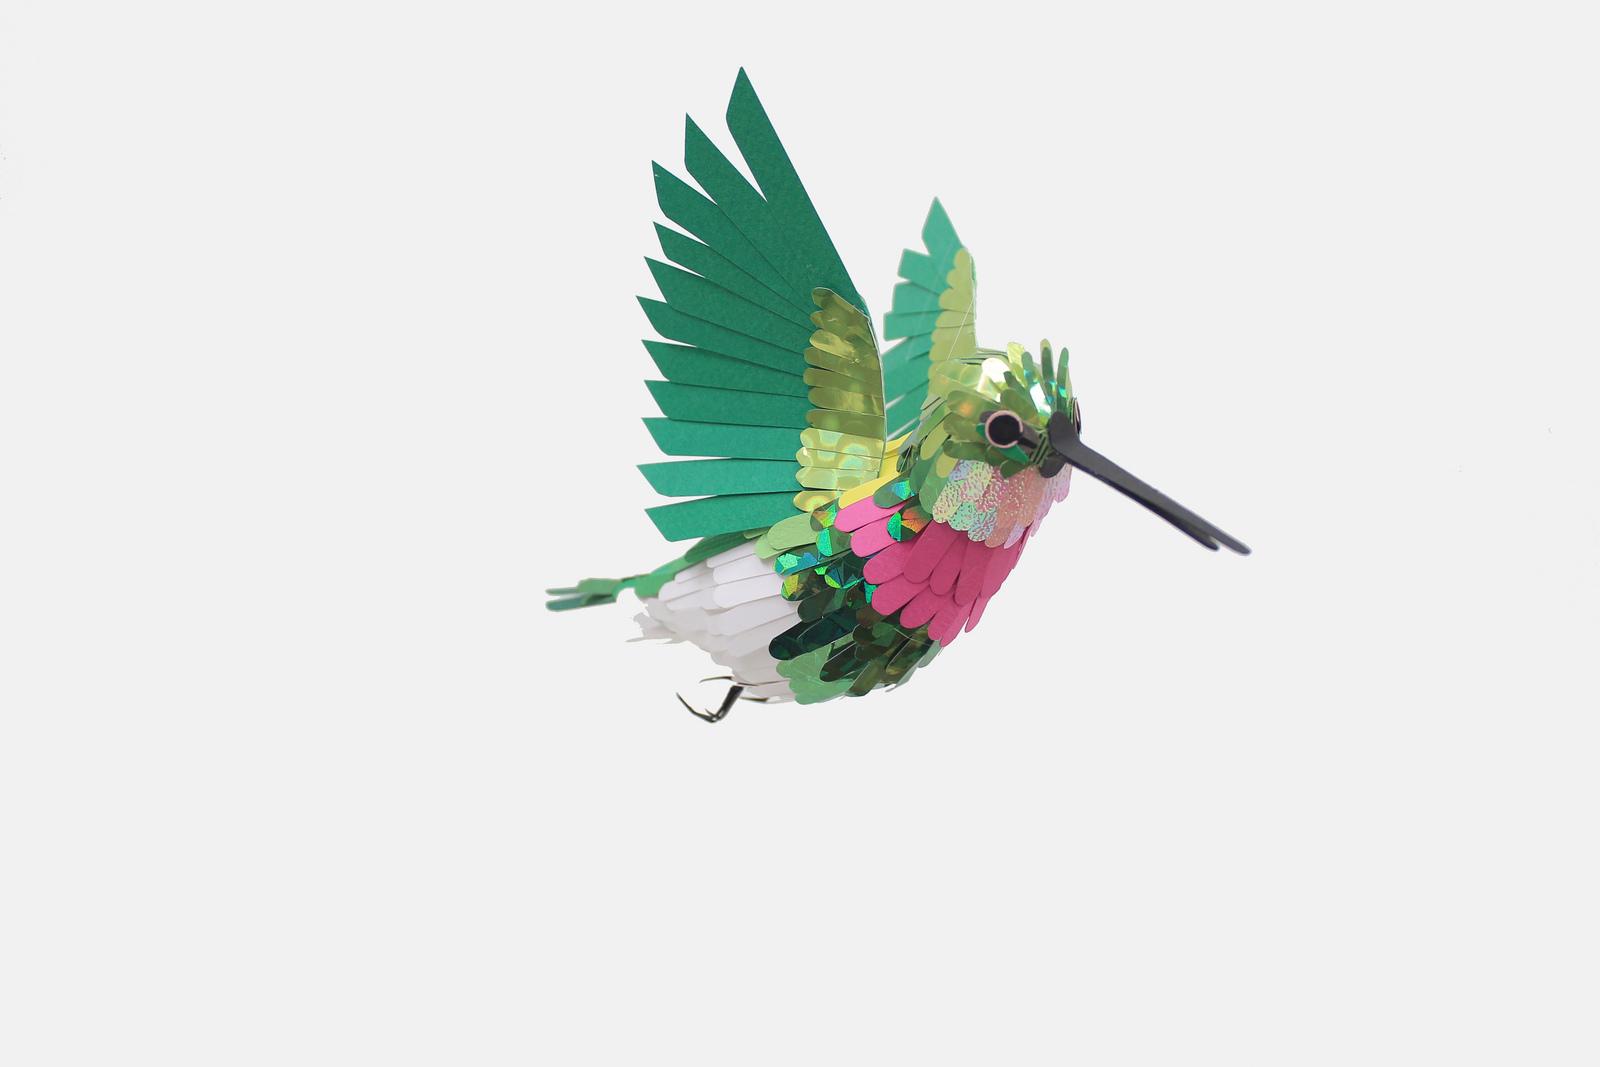 paper-birds-diana-beltran-herrera-10